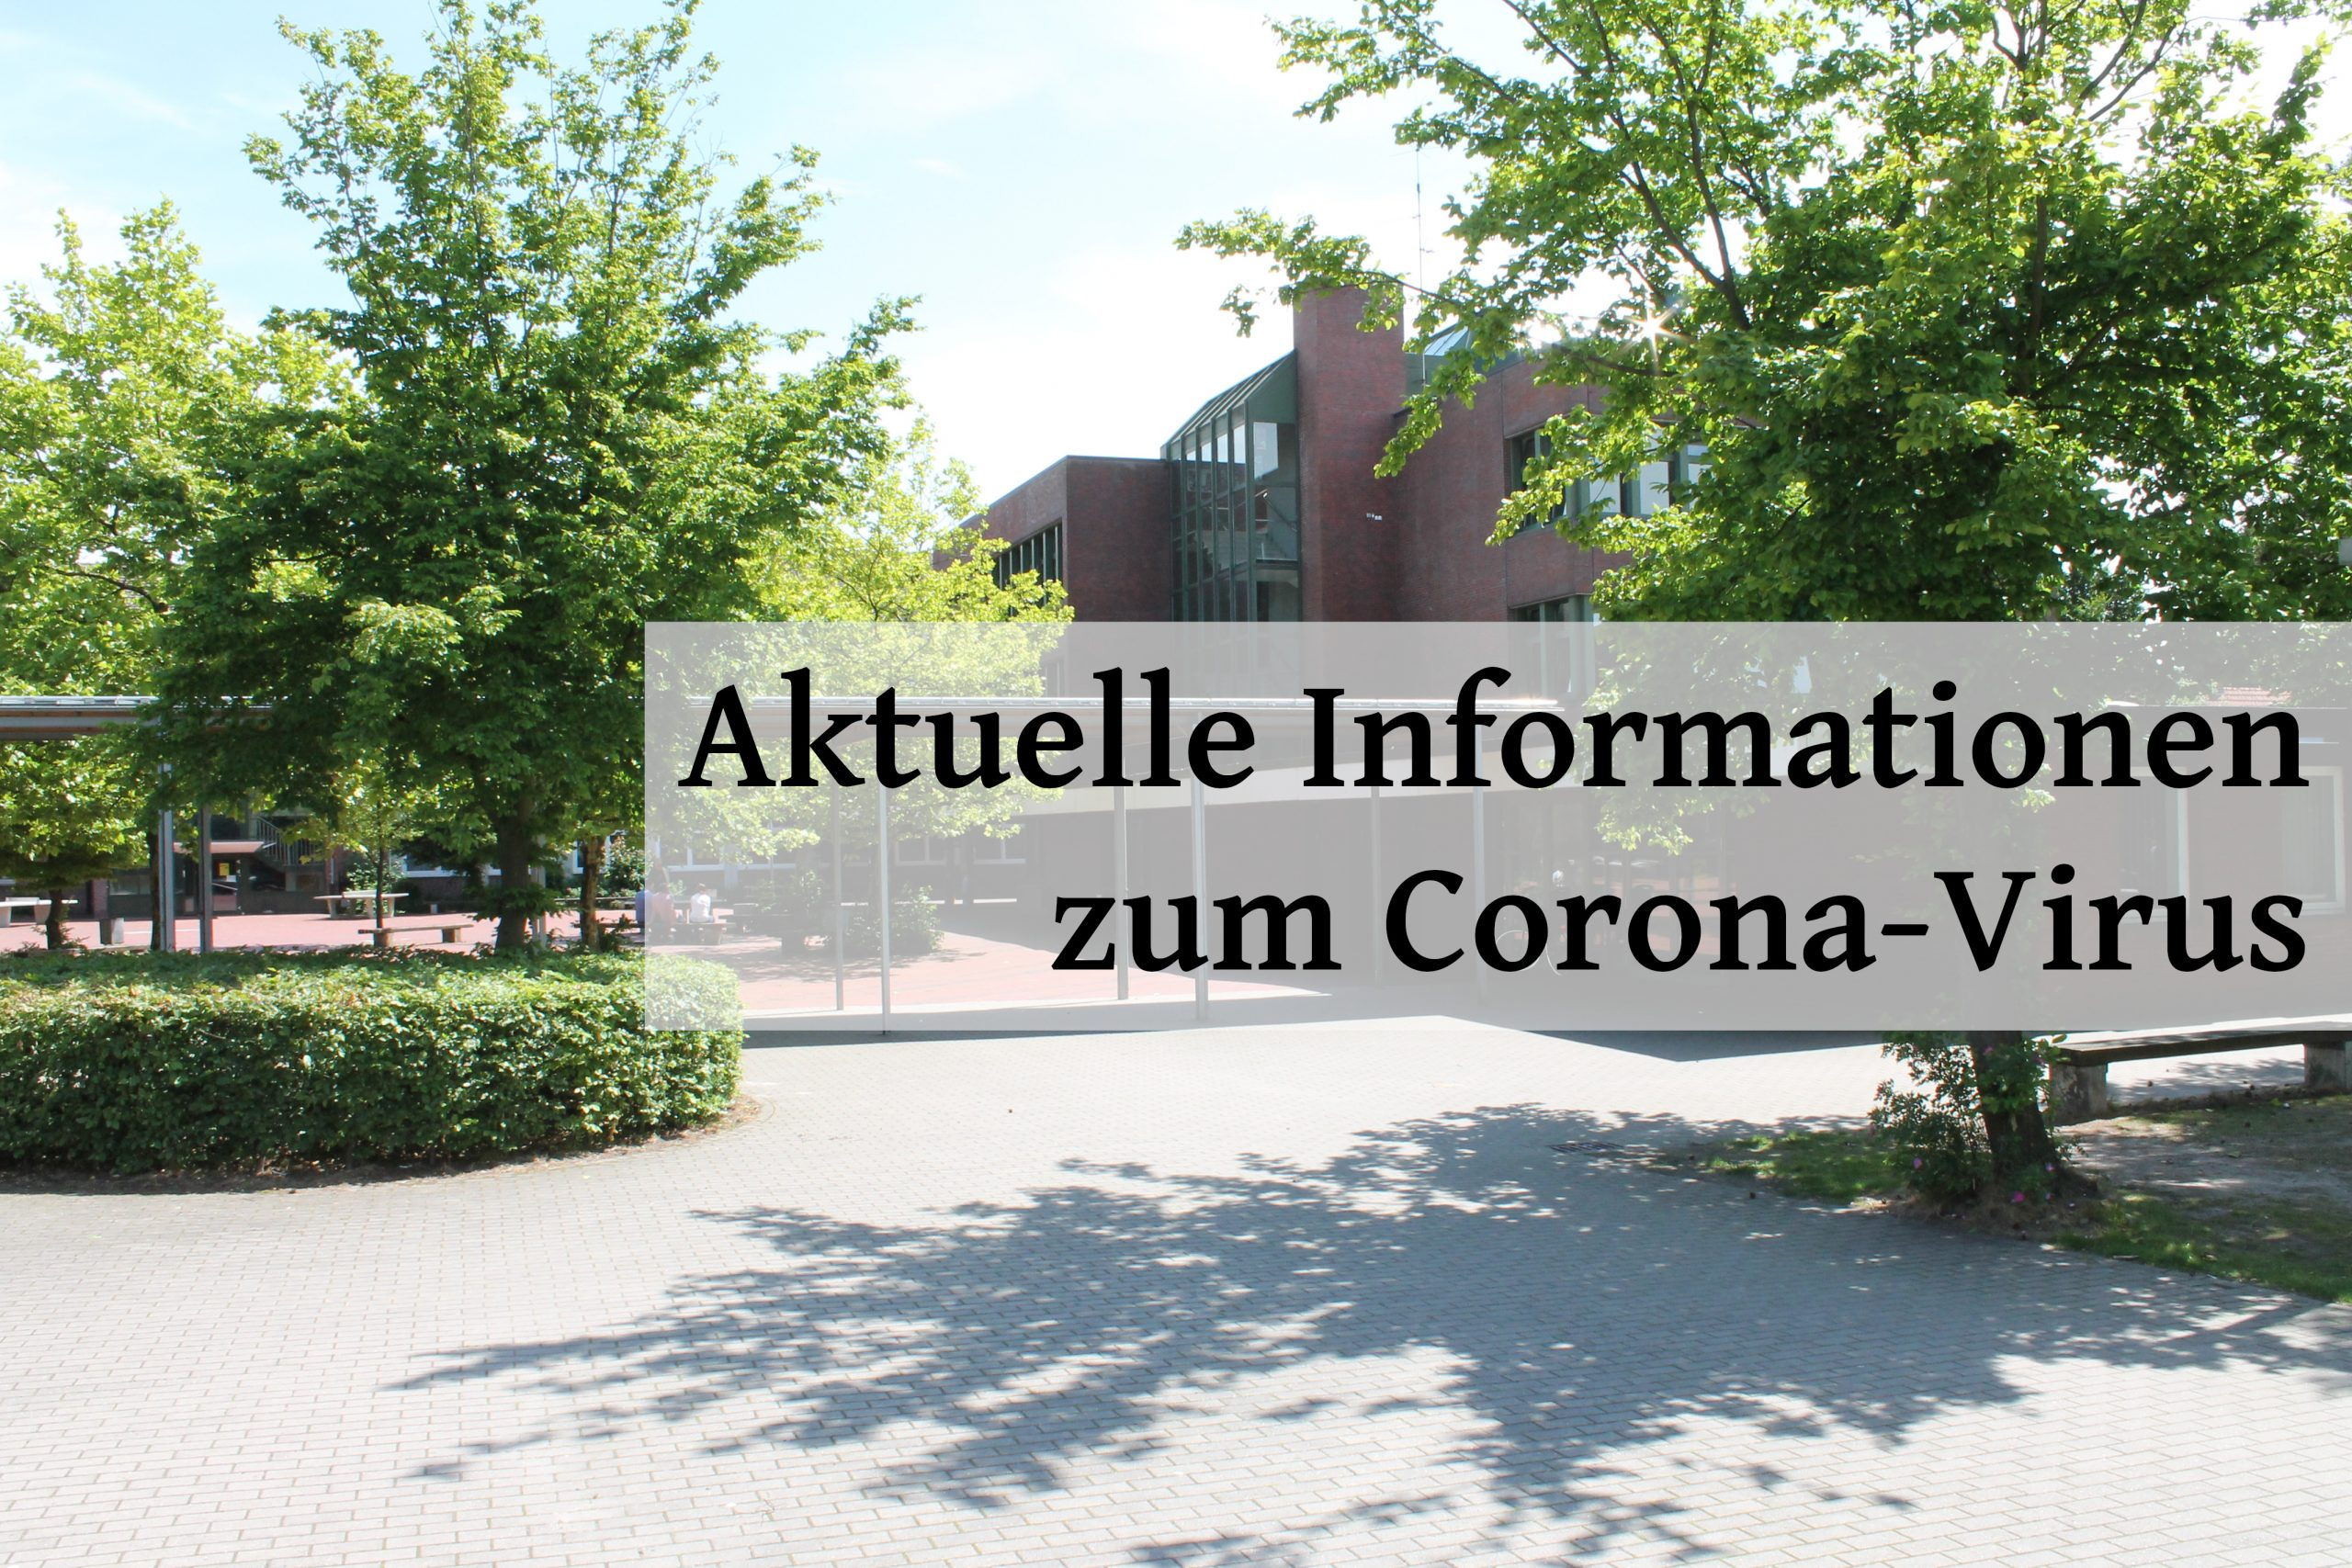 Aktuelle Informationen bezüglich Covid-19 – Wiederbeginn des Präsenzunterrichts für alle Jahrgänge [Stand: 14.05.2020]